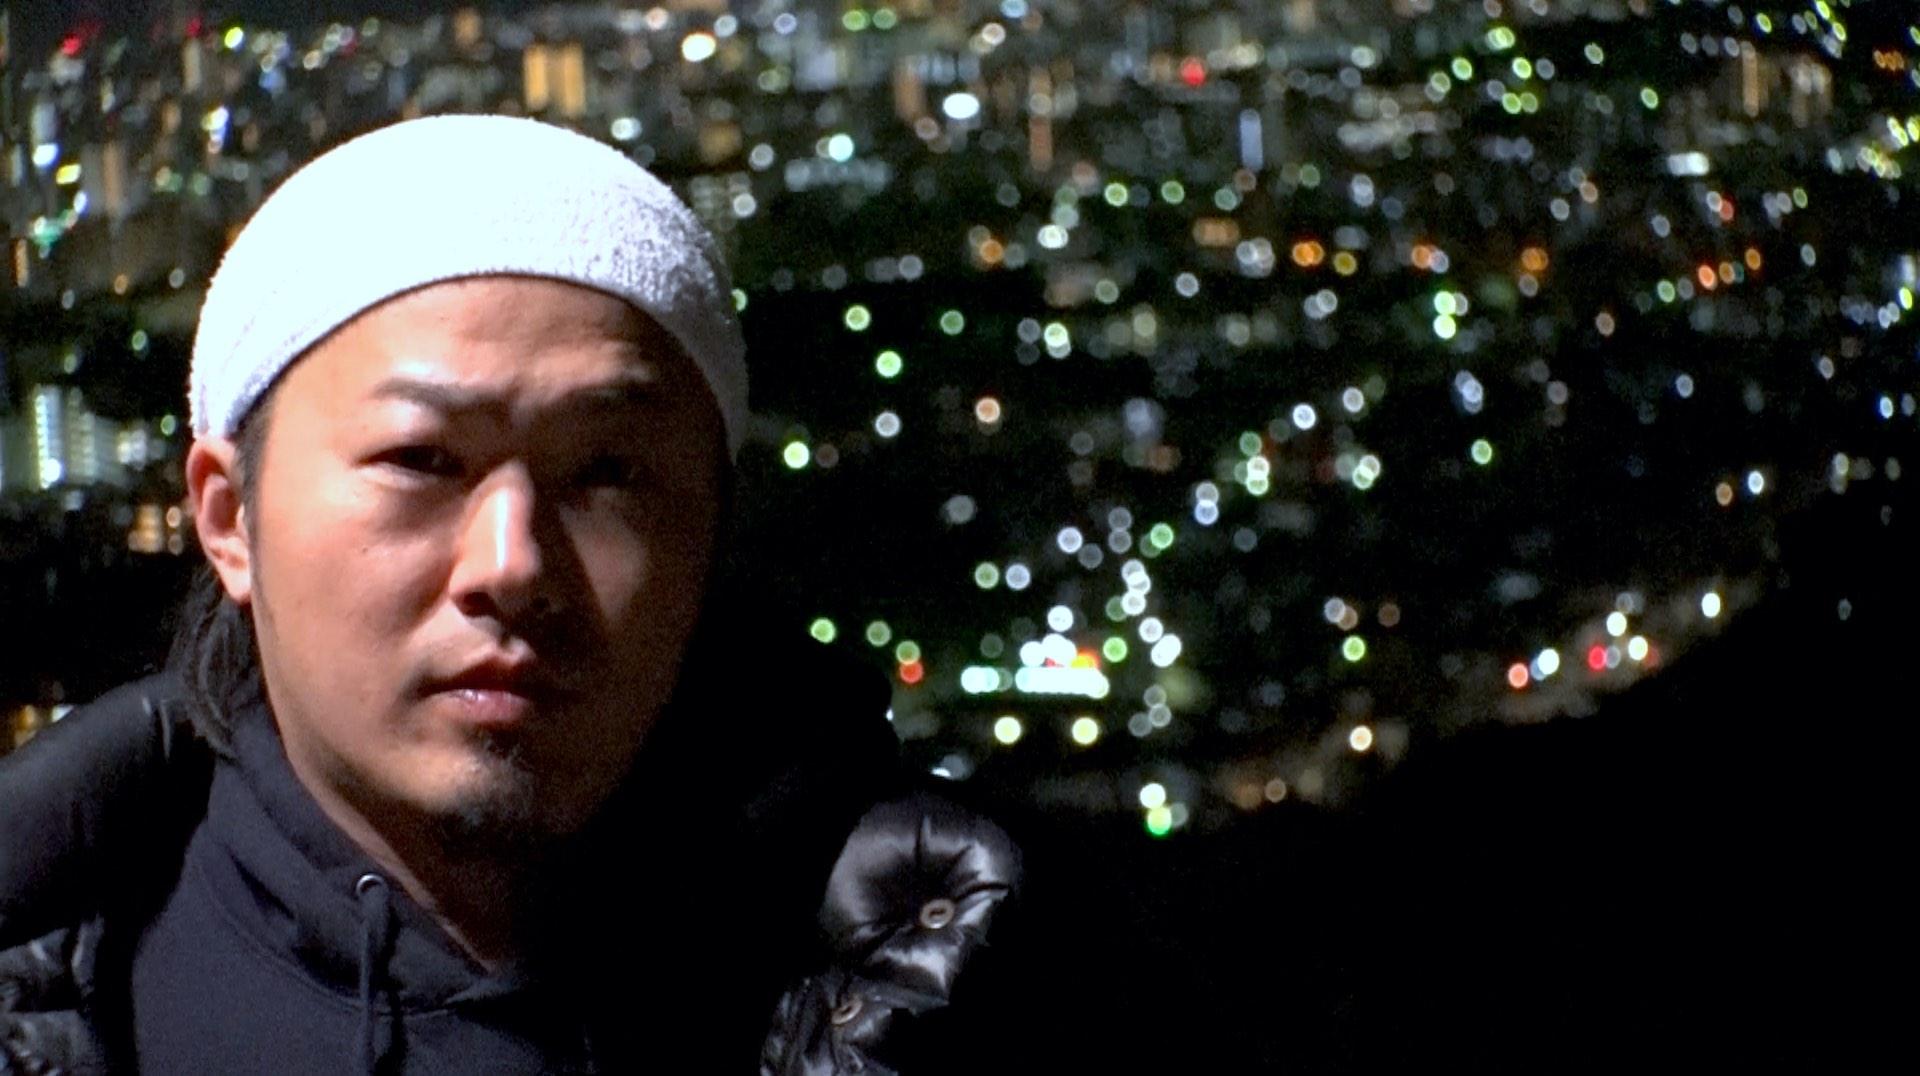 小林勝行2ndアルバム発表までに密着したドキュメンタリー『寛解の連続』が上映延期も、本来の上映期間に有料配信決定! film200518_hiphop_documentary_04